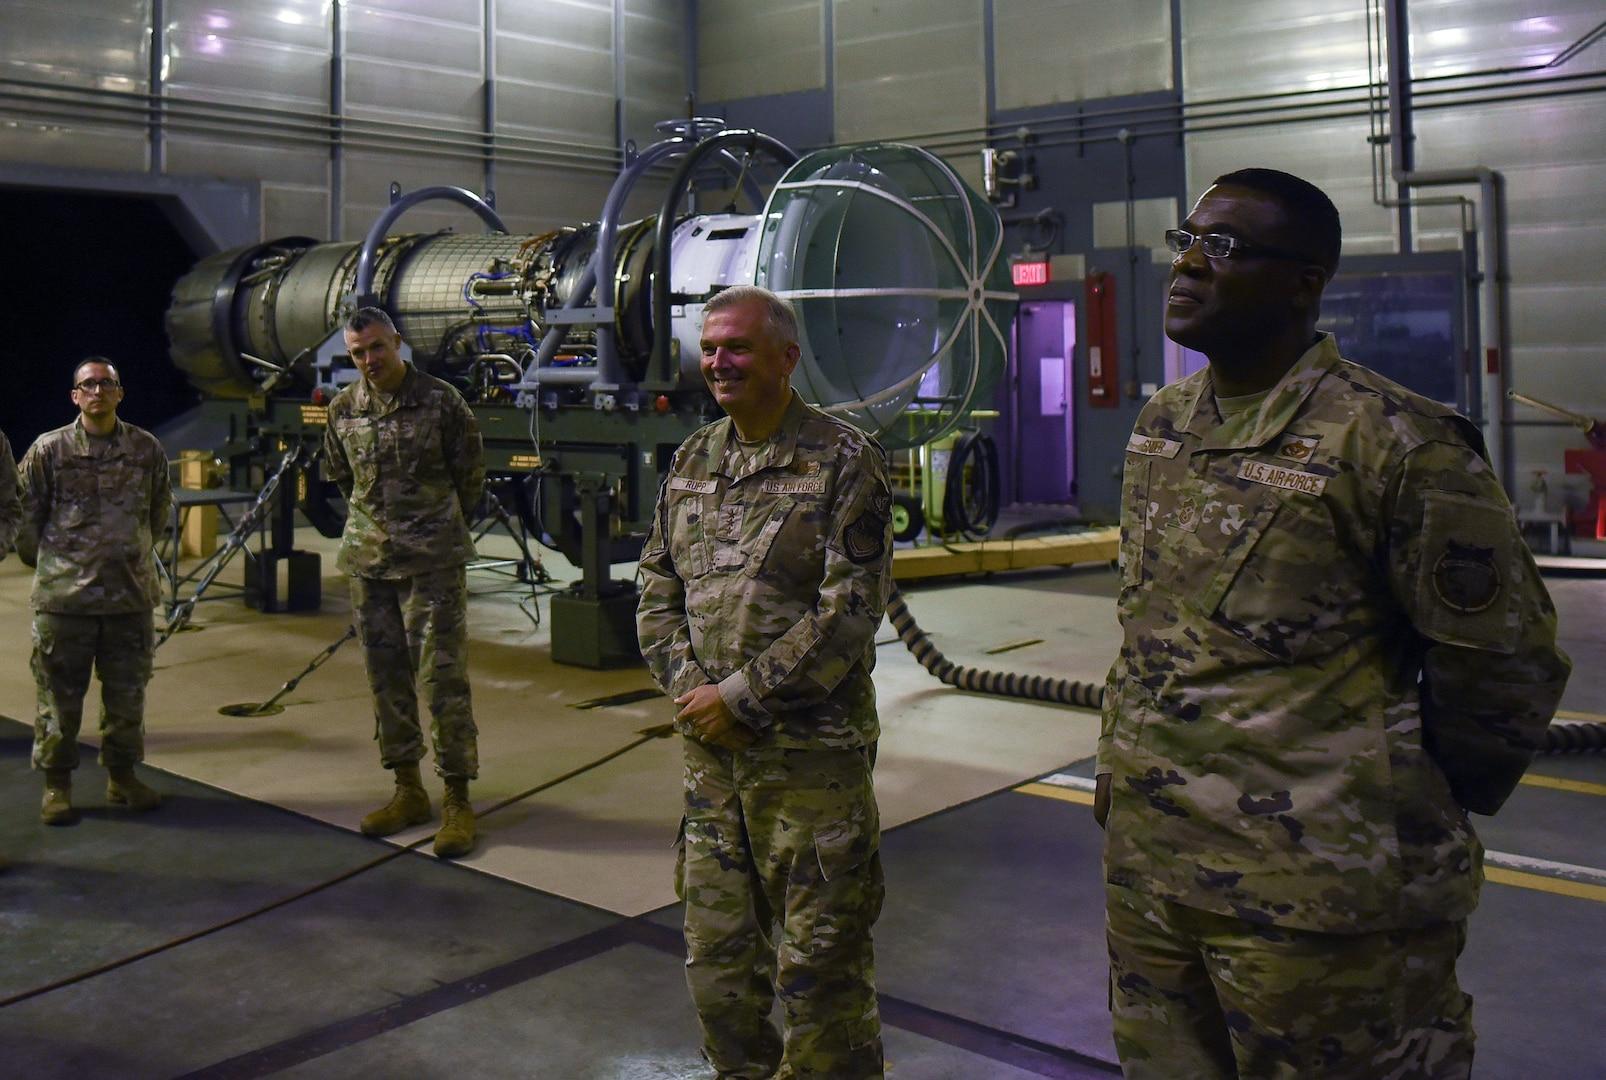 USFJ, 5th Air Force Leadership Visits Misawa